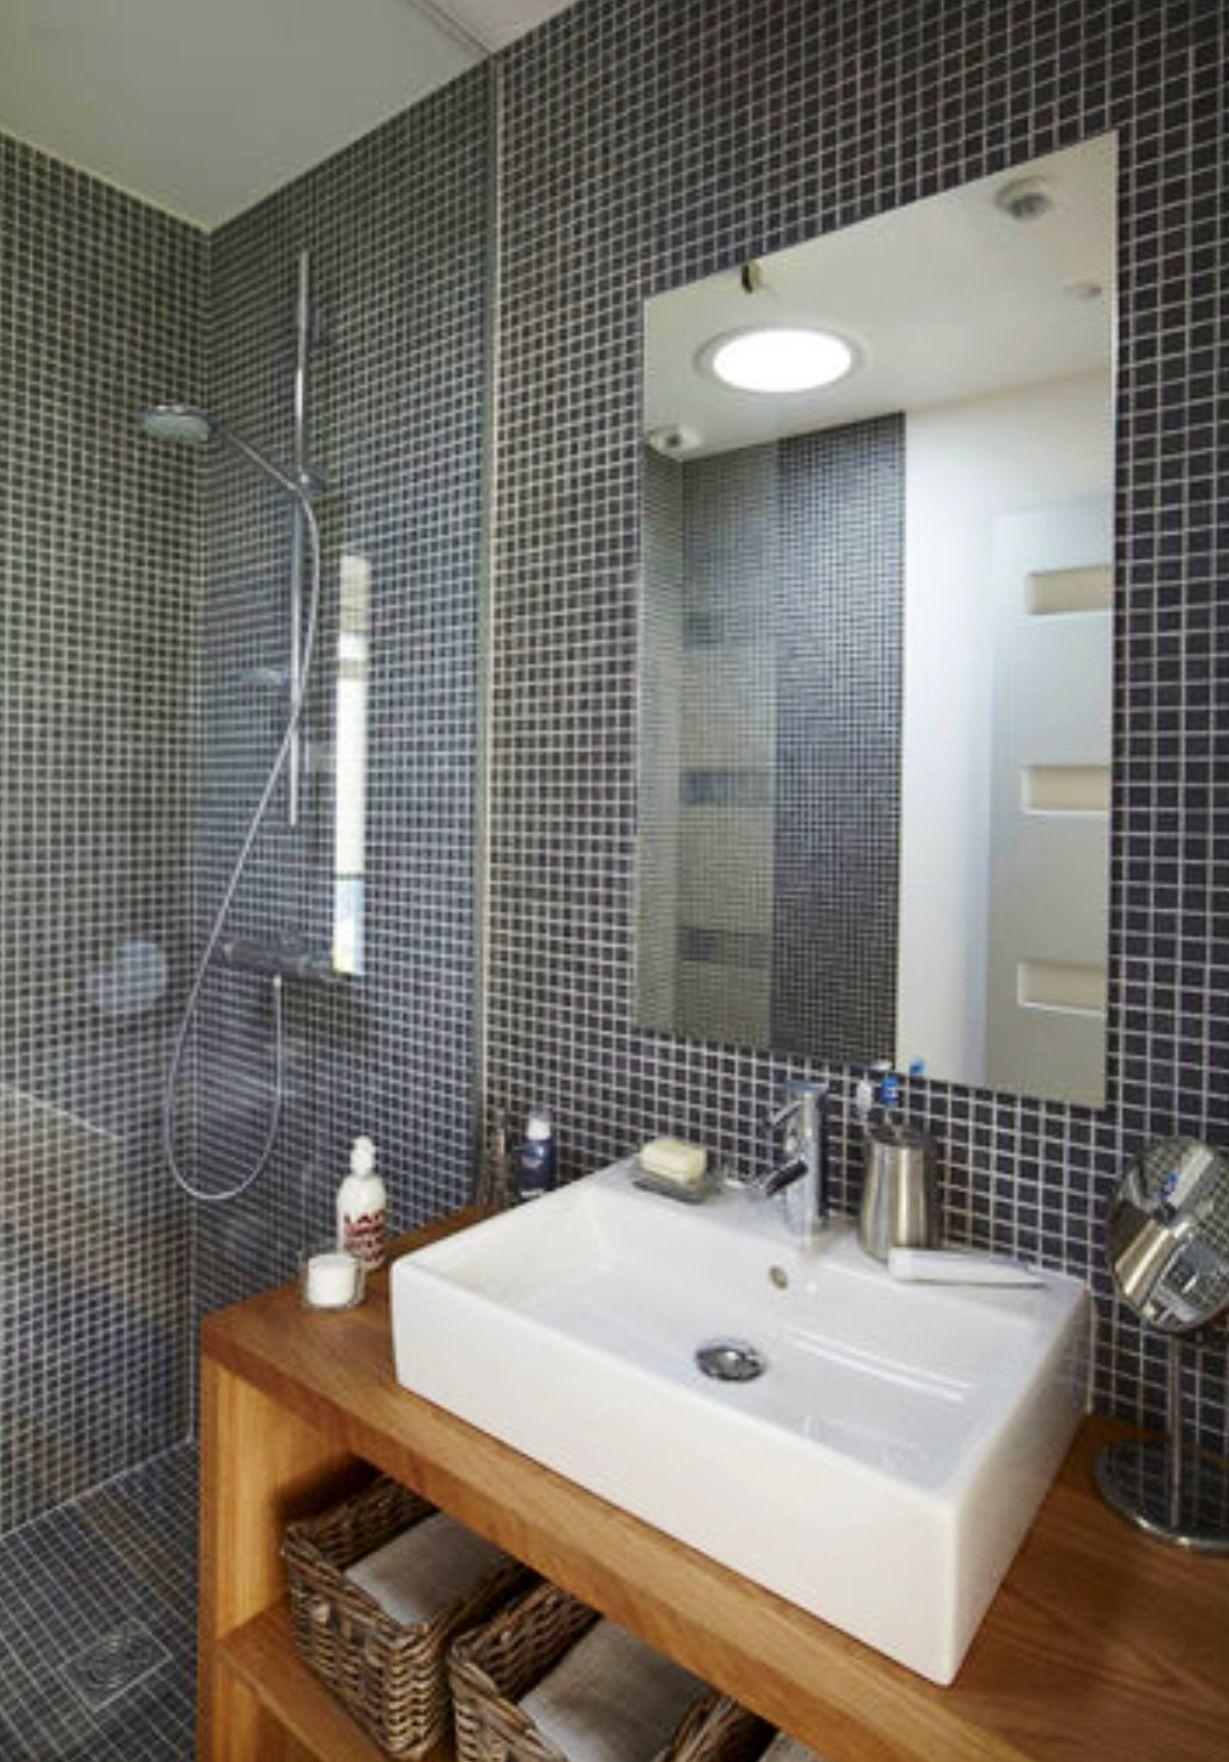 Petit Carreaux Salle De Bain salle de bains, petits carreaux | salle de bain en 2018 | pinterest